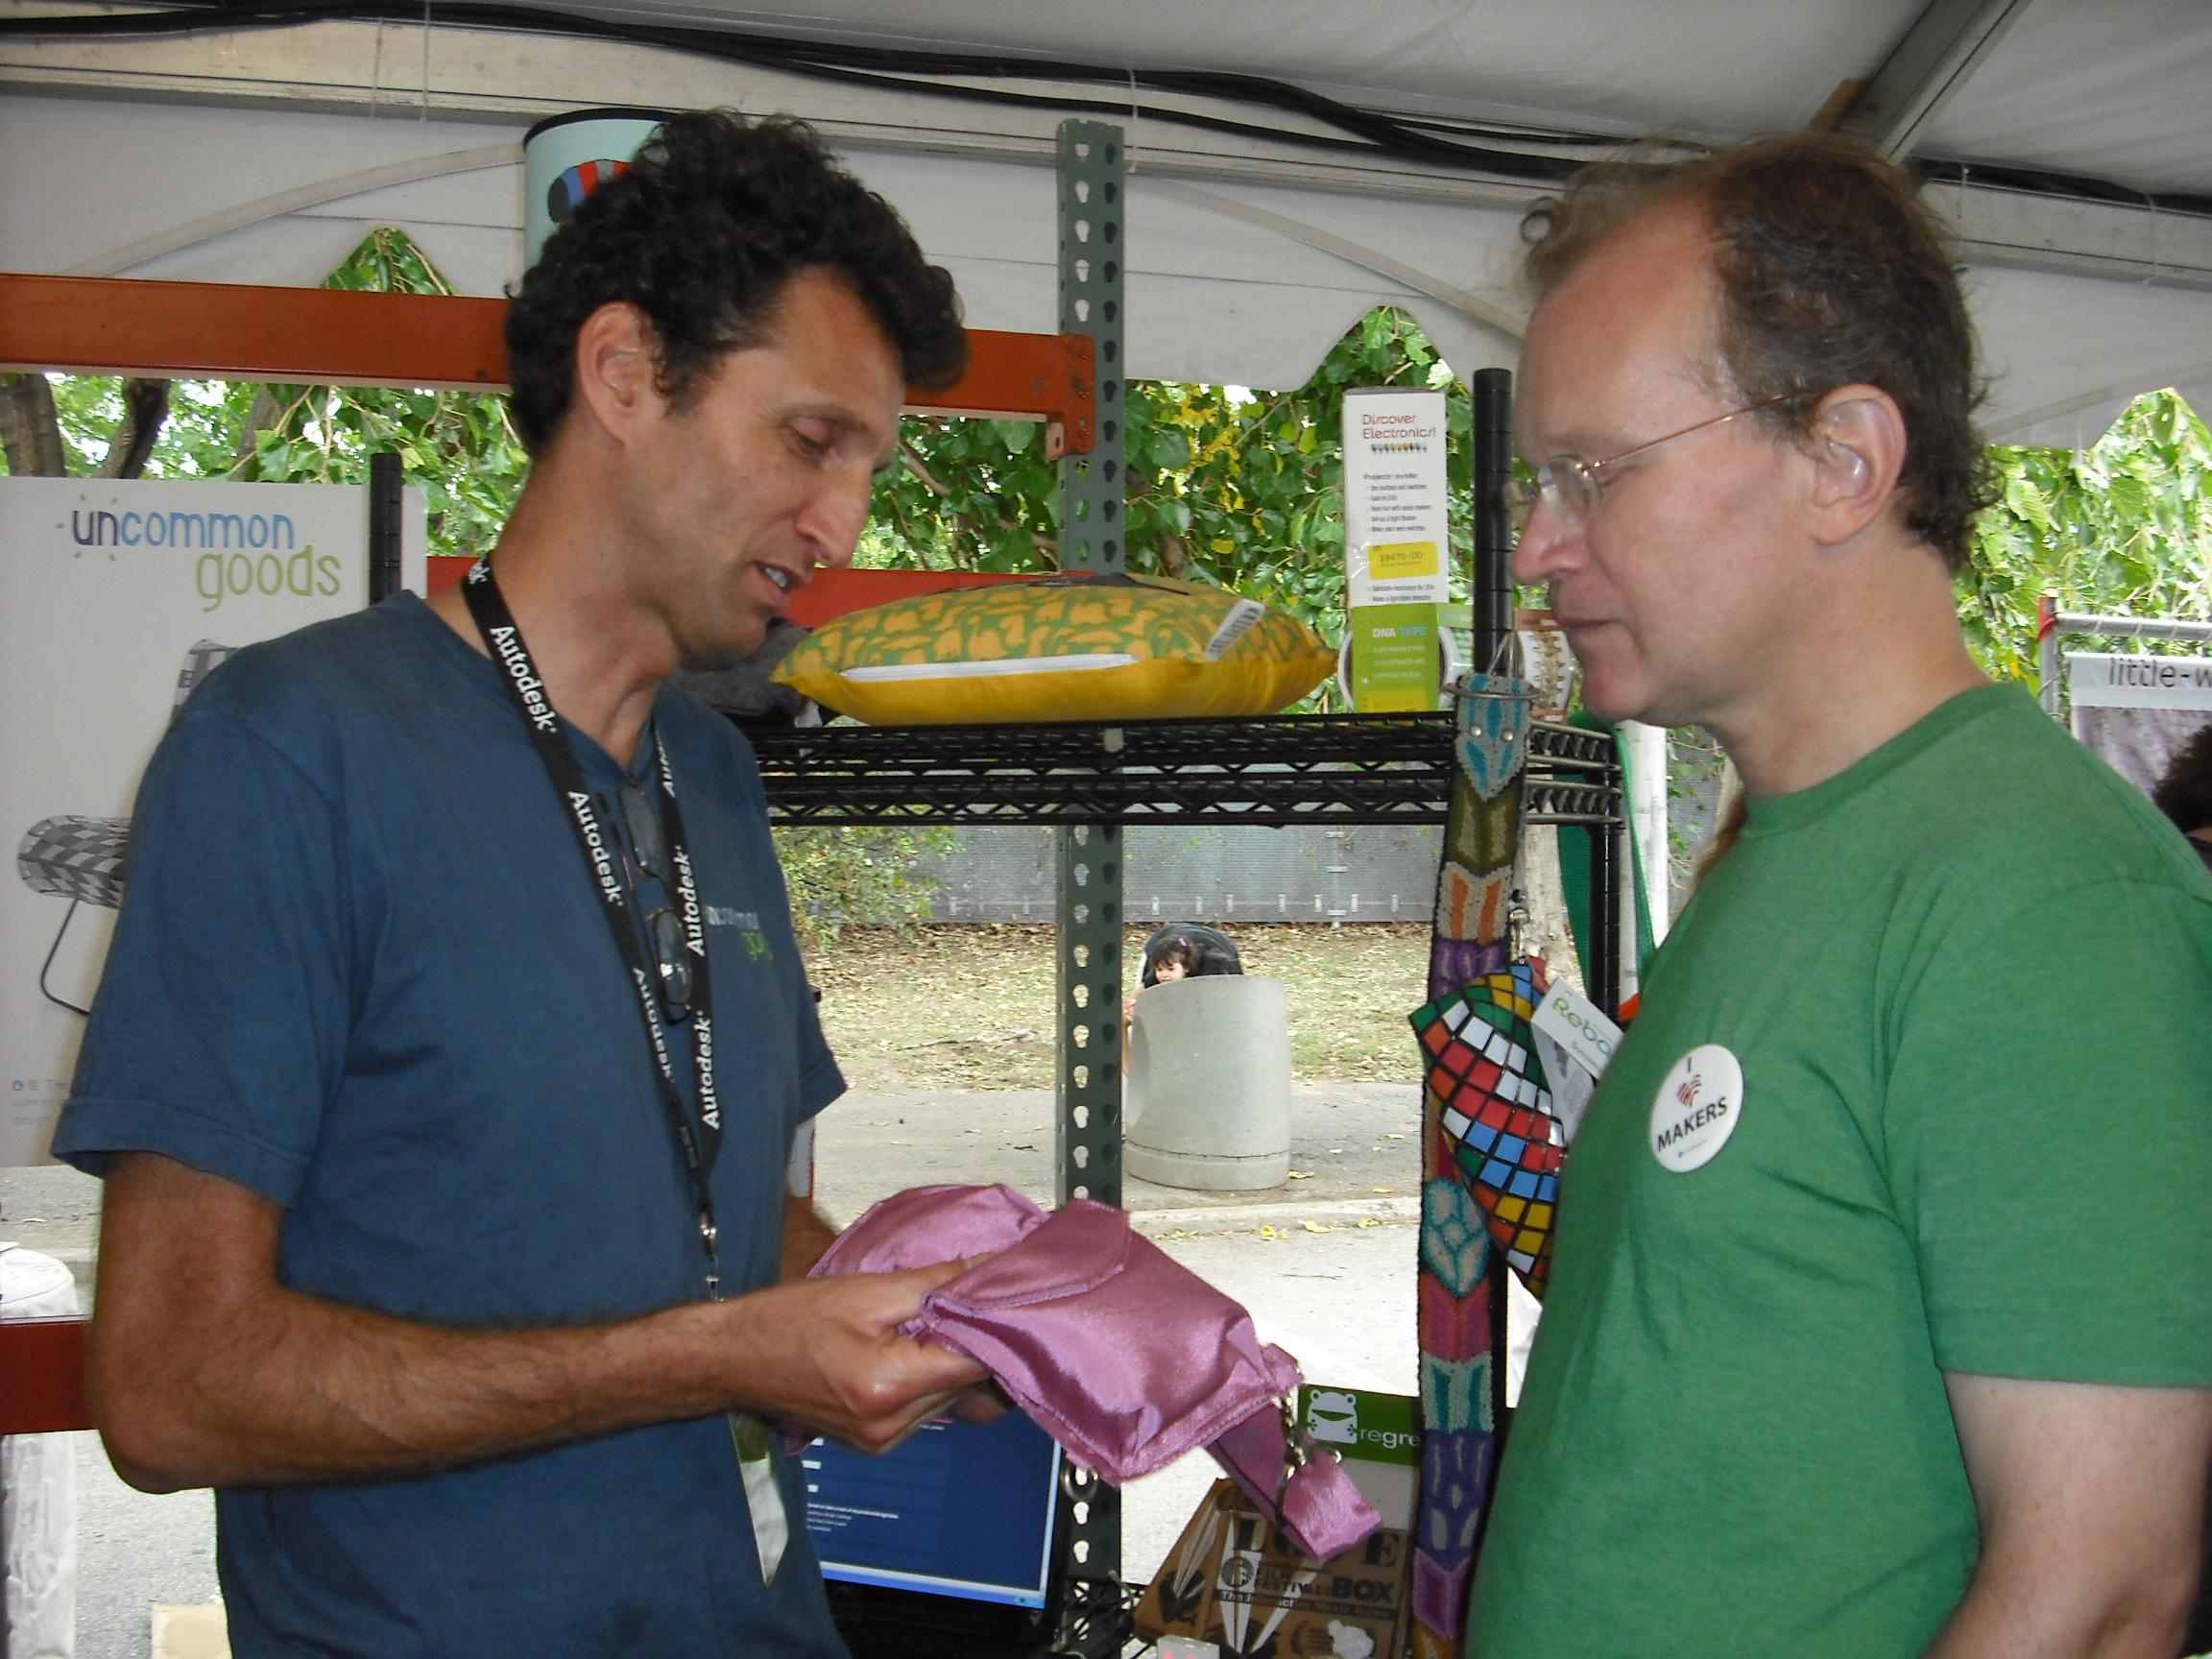 Maker Faire 046